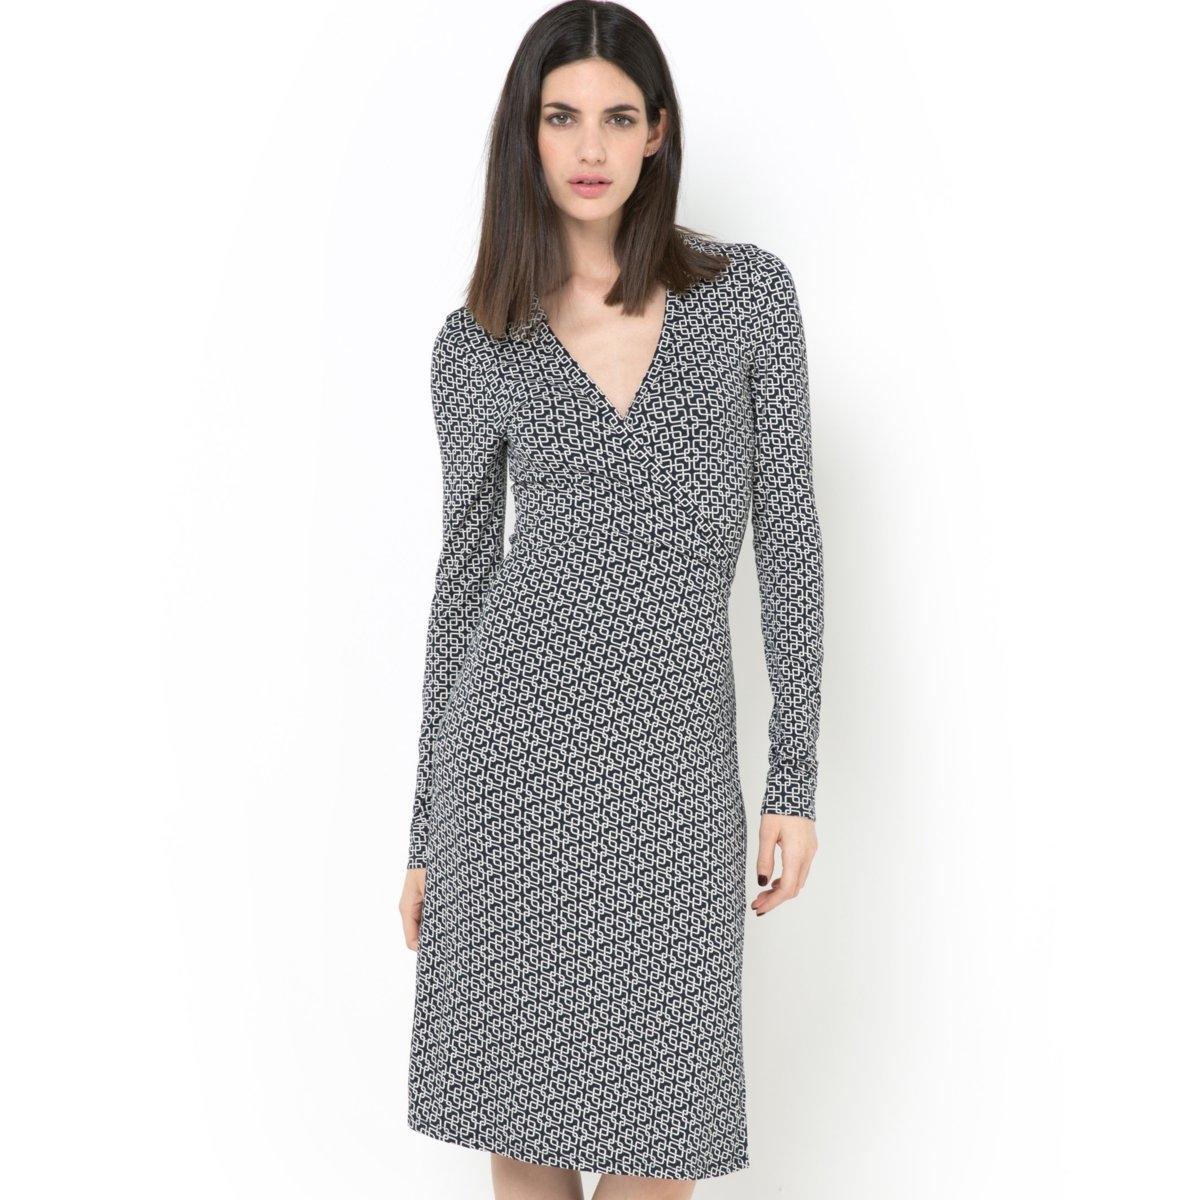 Купить со скидкой Платье с запахом, длинными рукавами и расклешенной юбкой из материала стретч